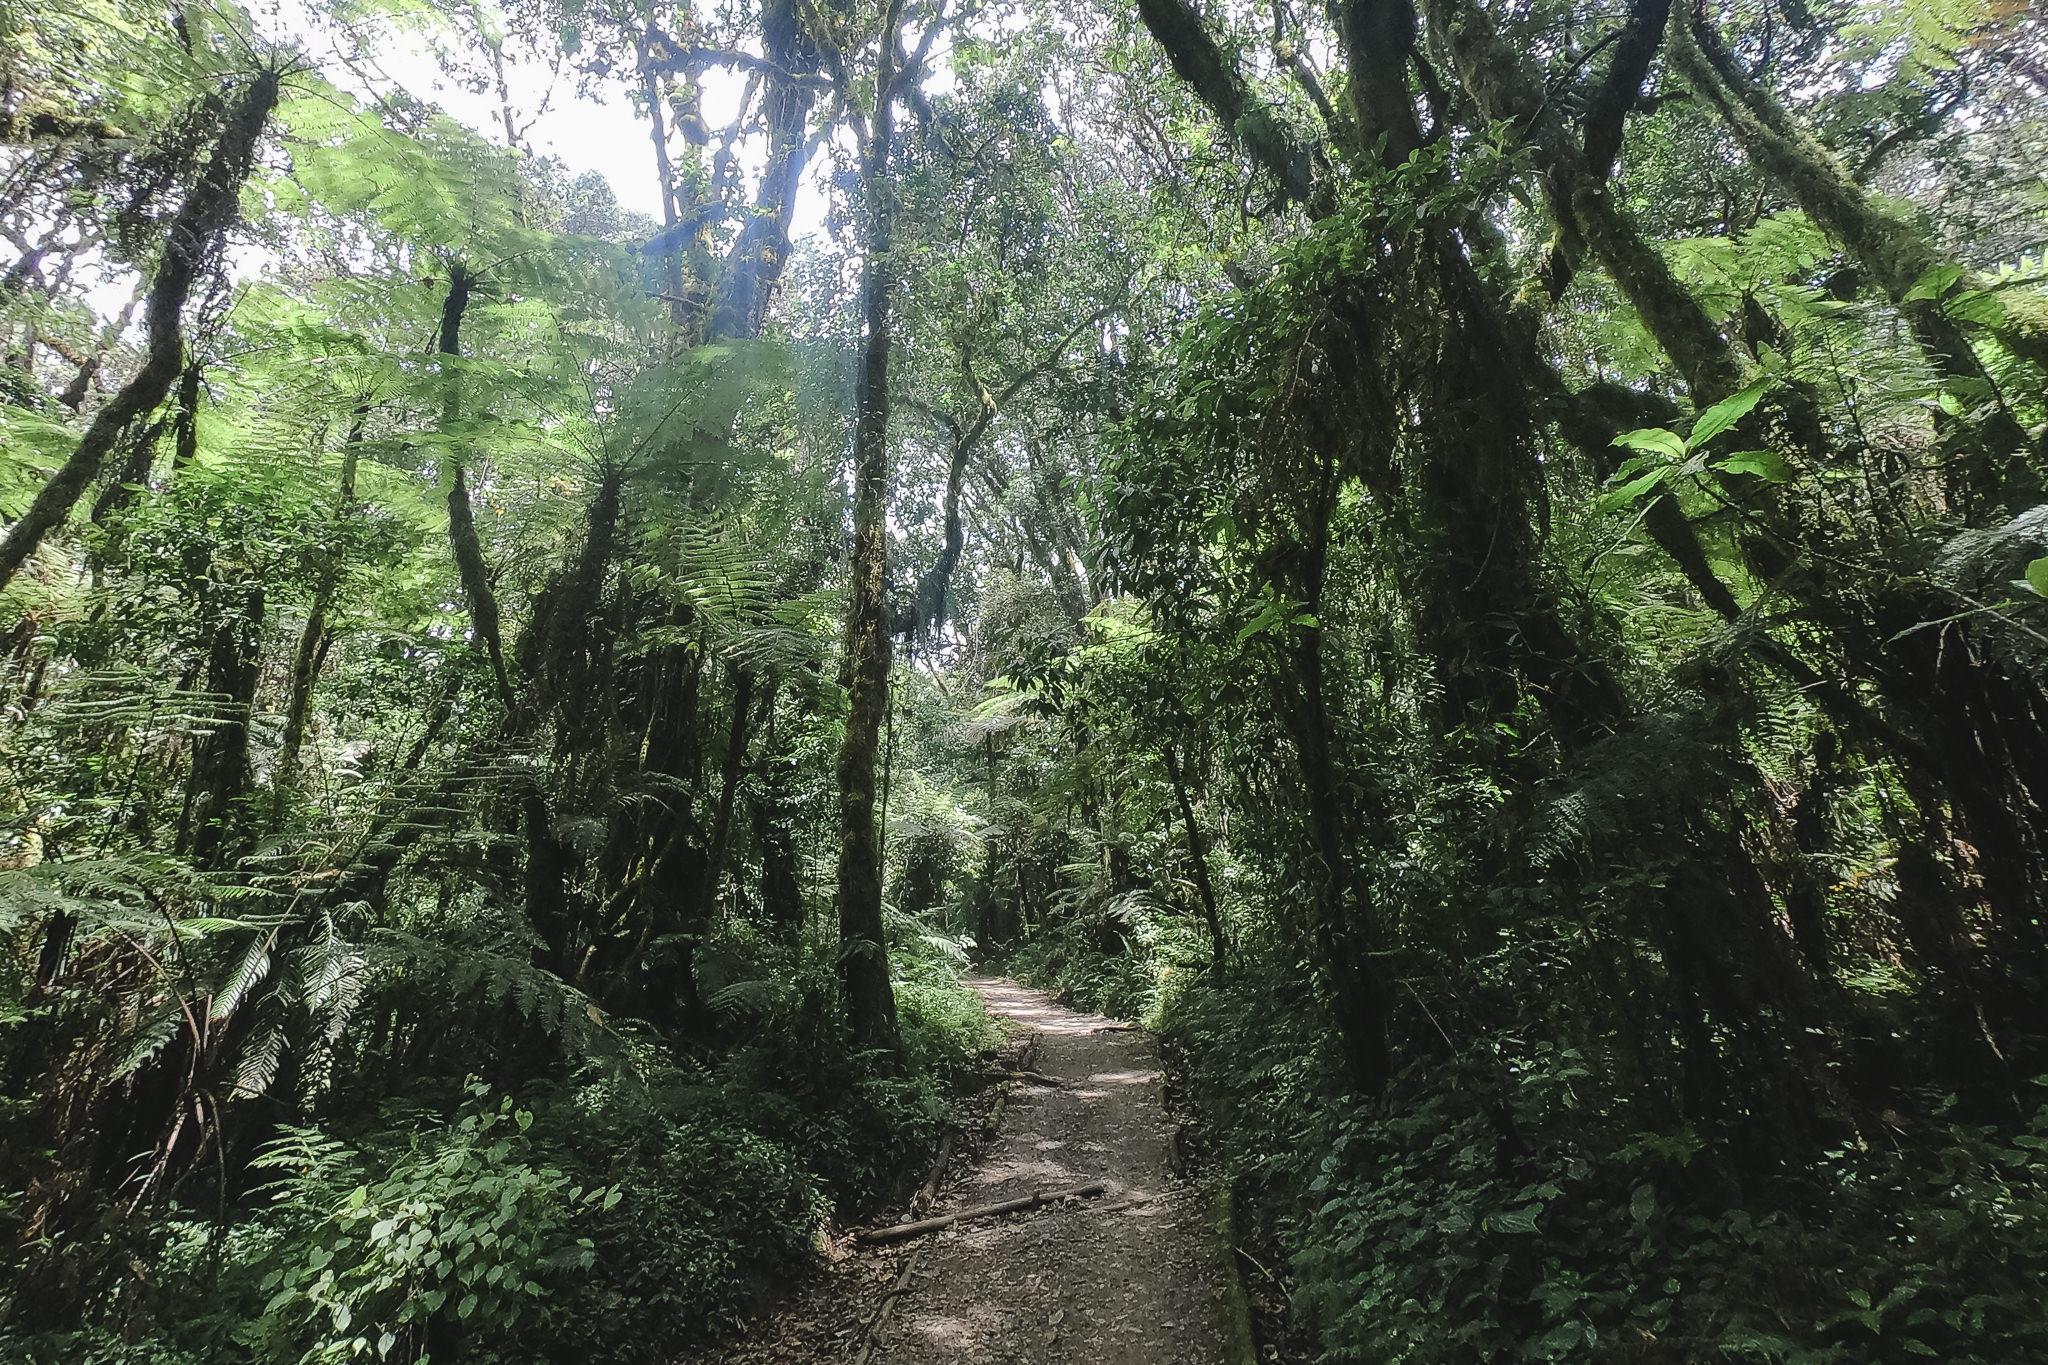 die erste Etappe der Kilimanjaro Besteigung führt durch den grünen Regenwald